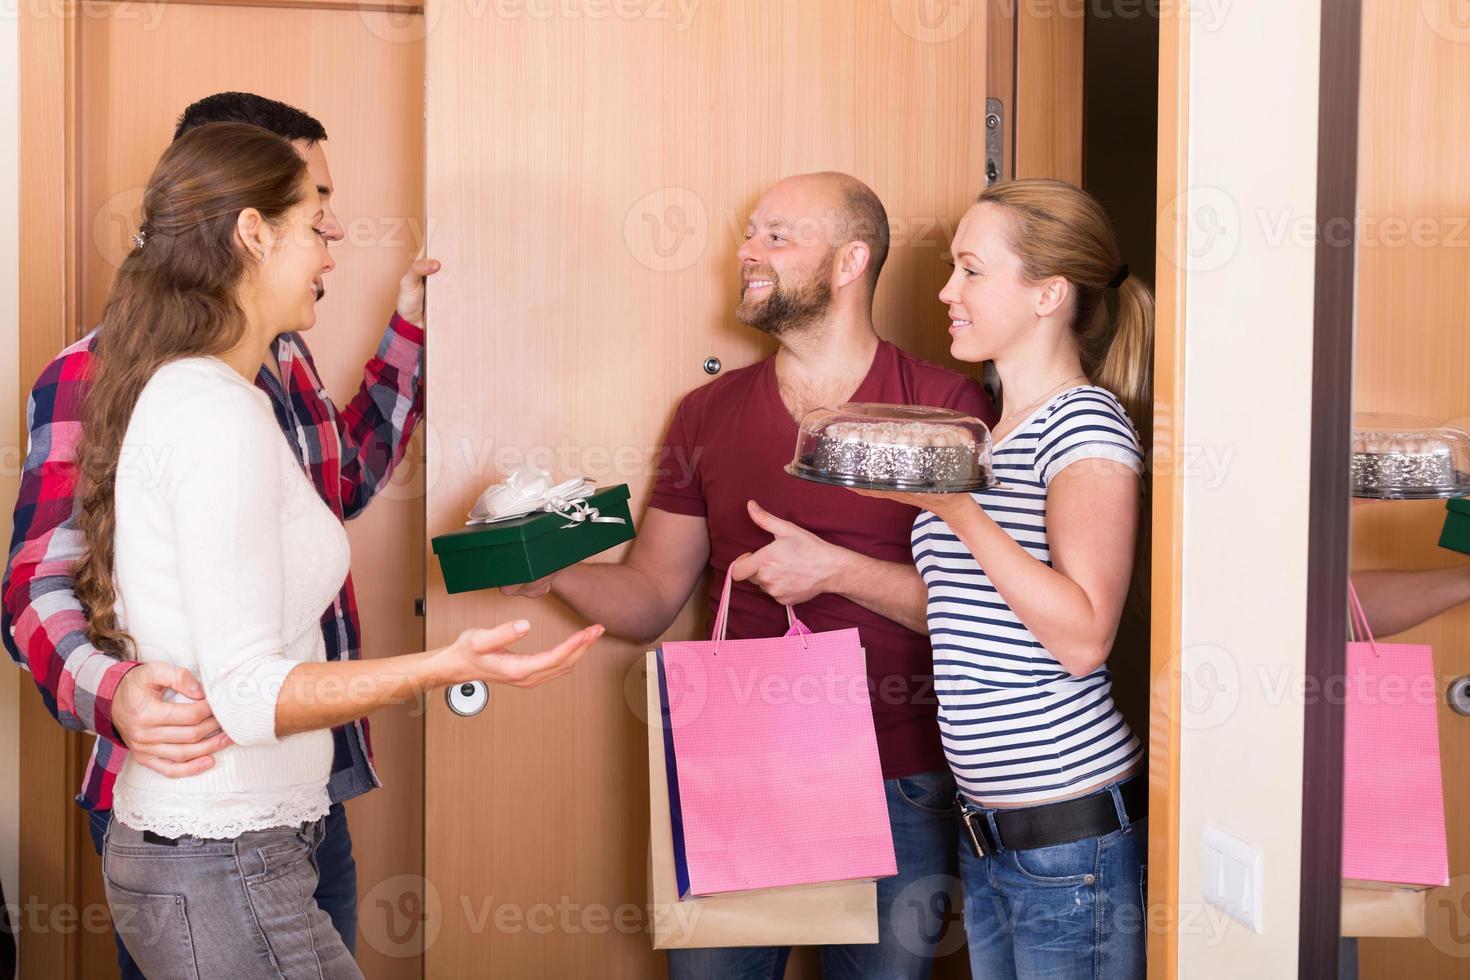 Happy guests in doorway photo